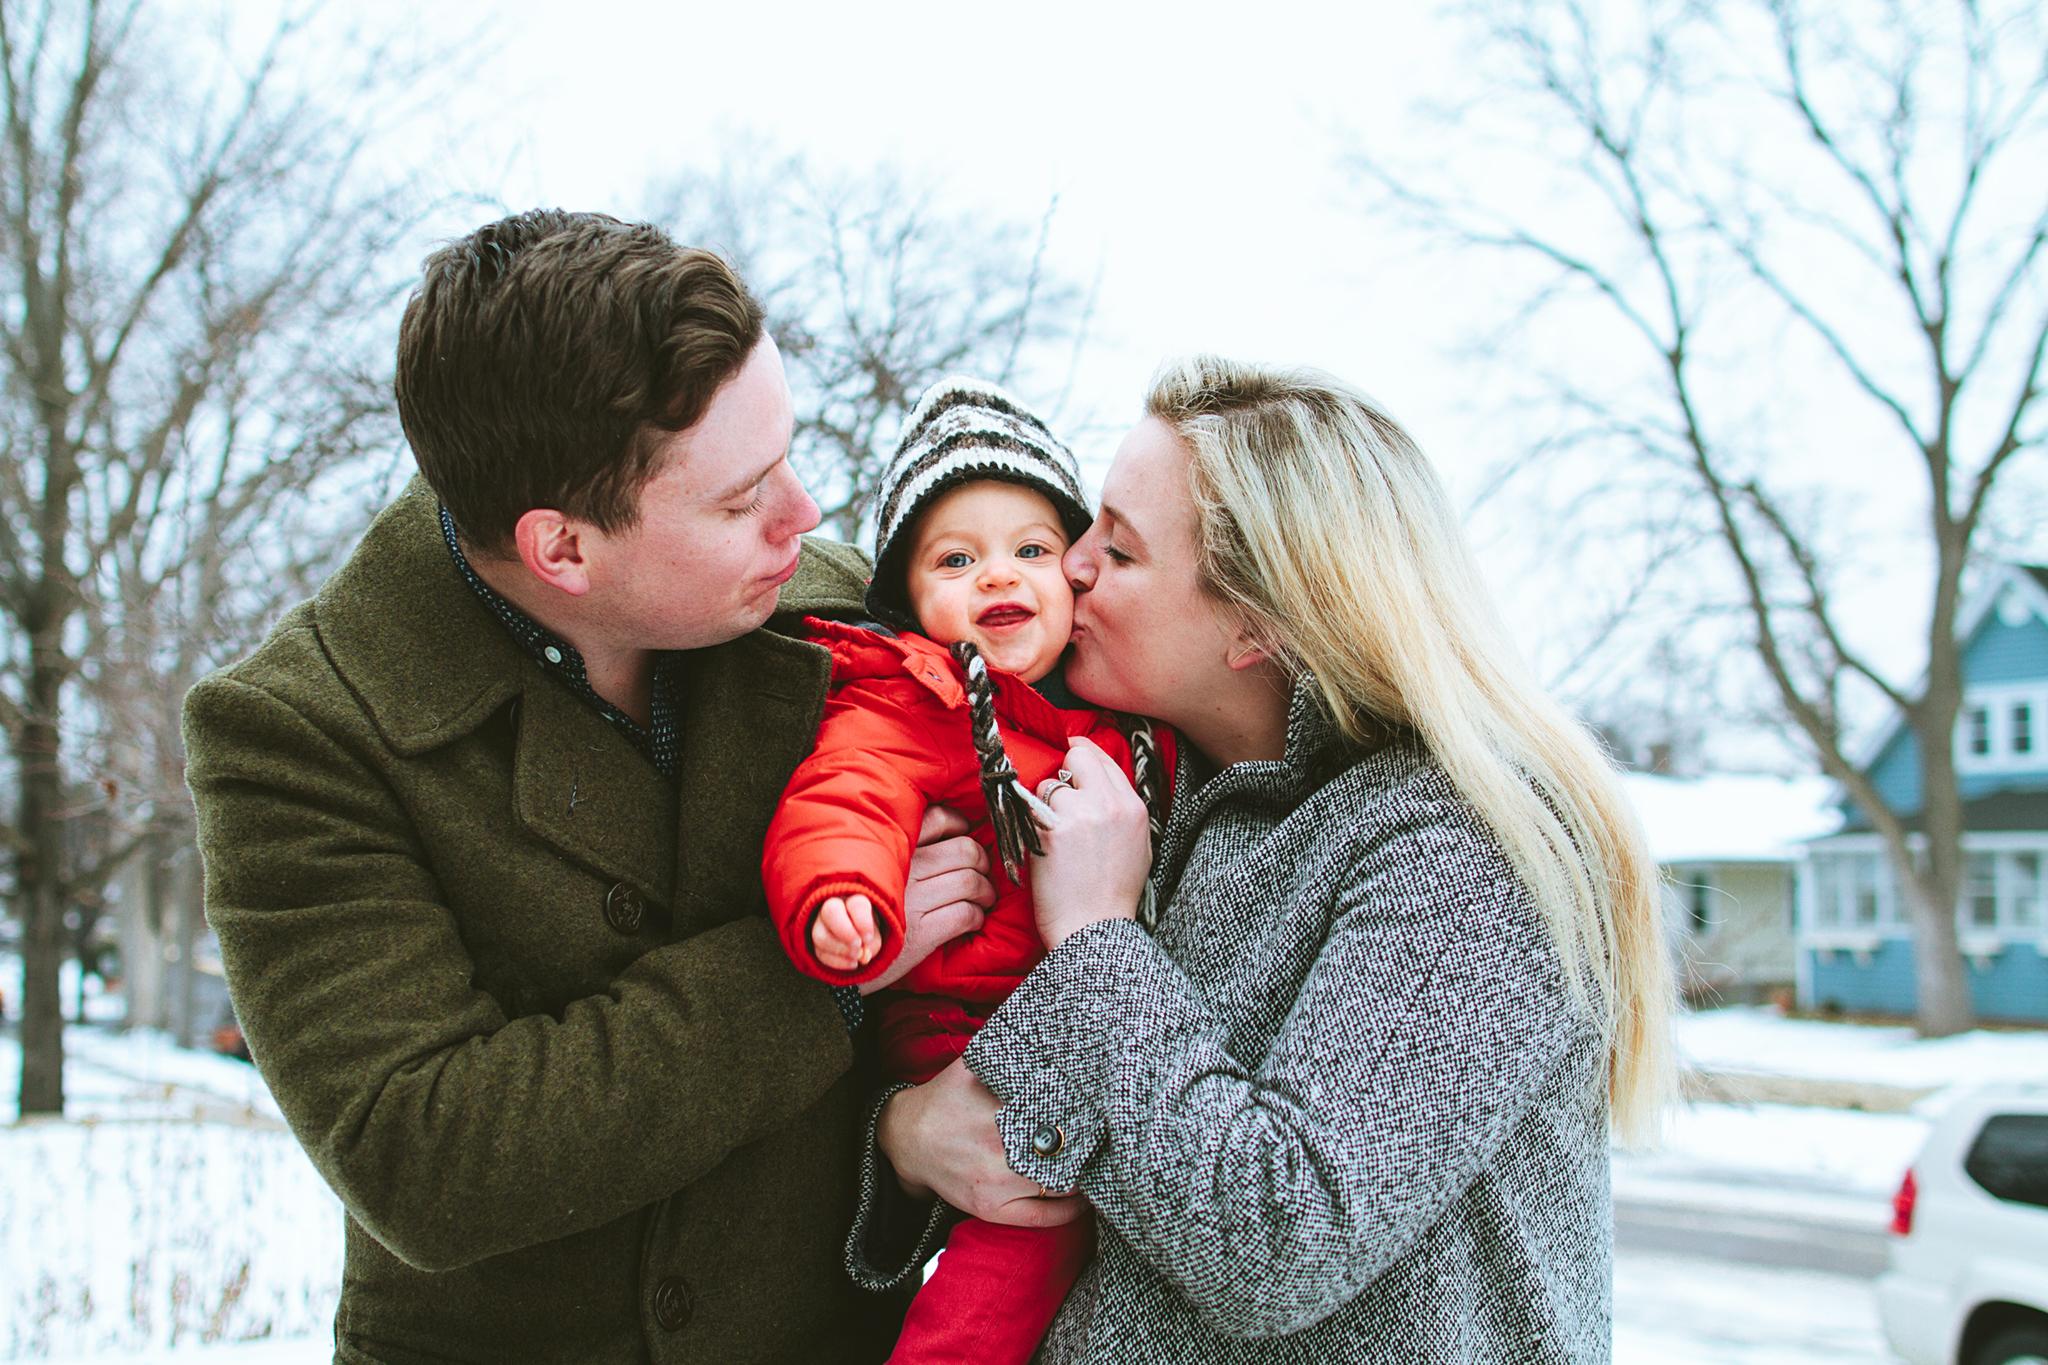 Redmond Family Portrait Photographer